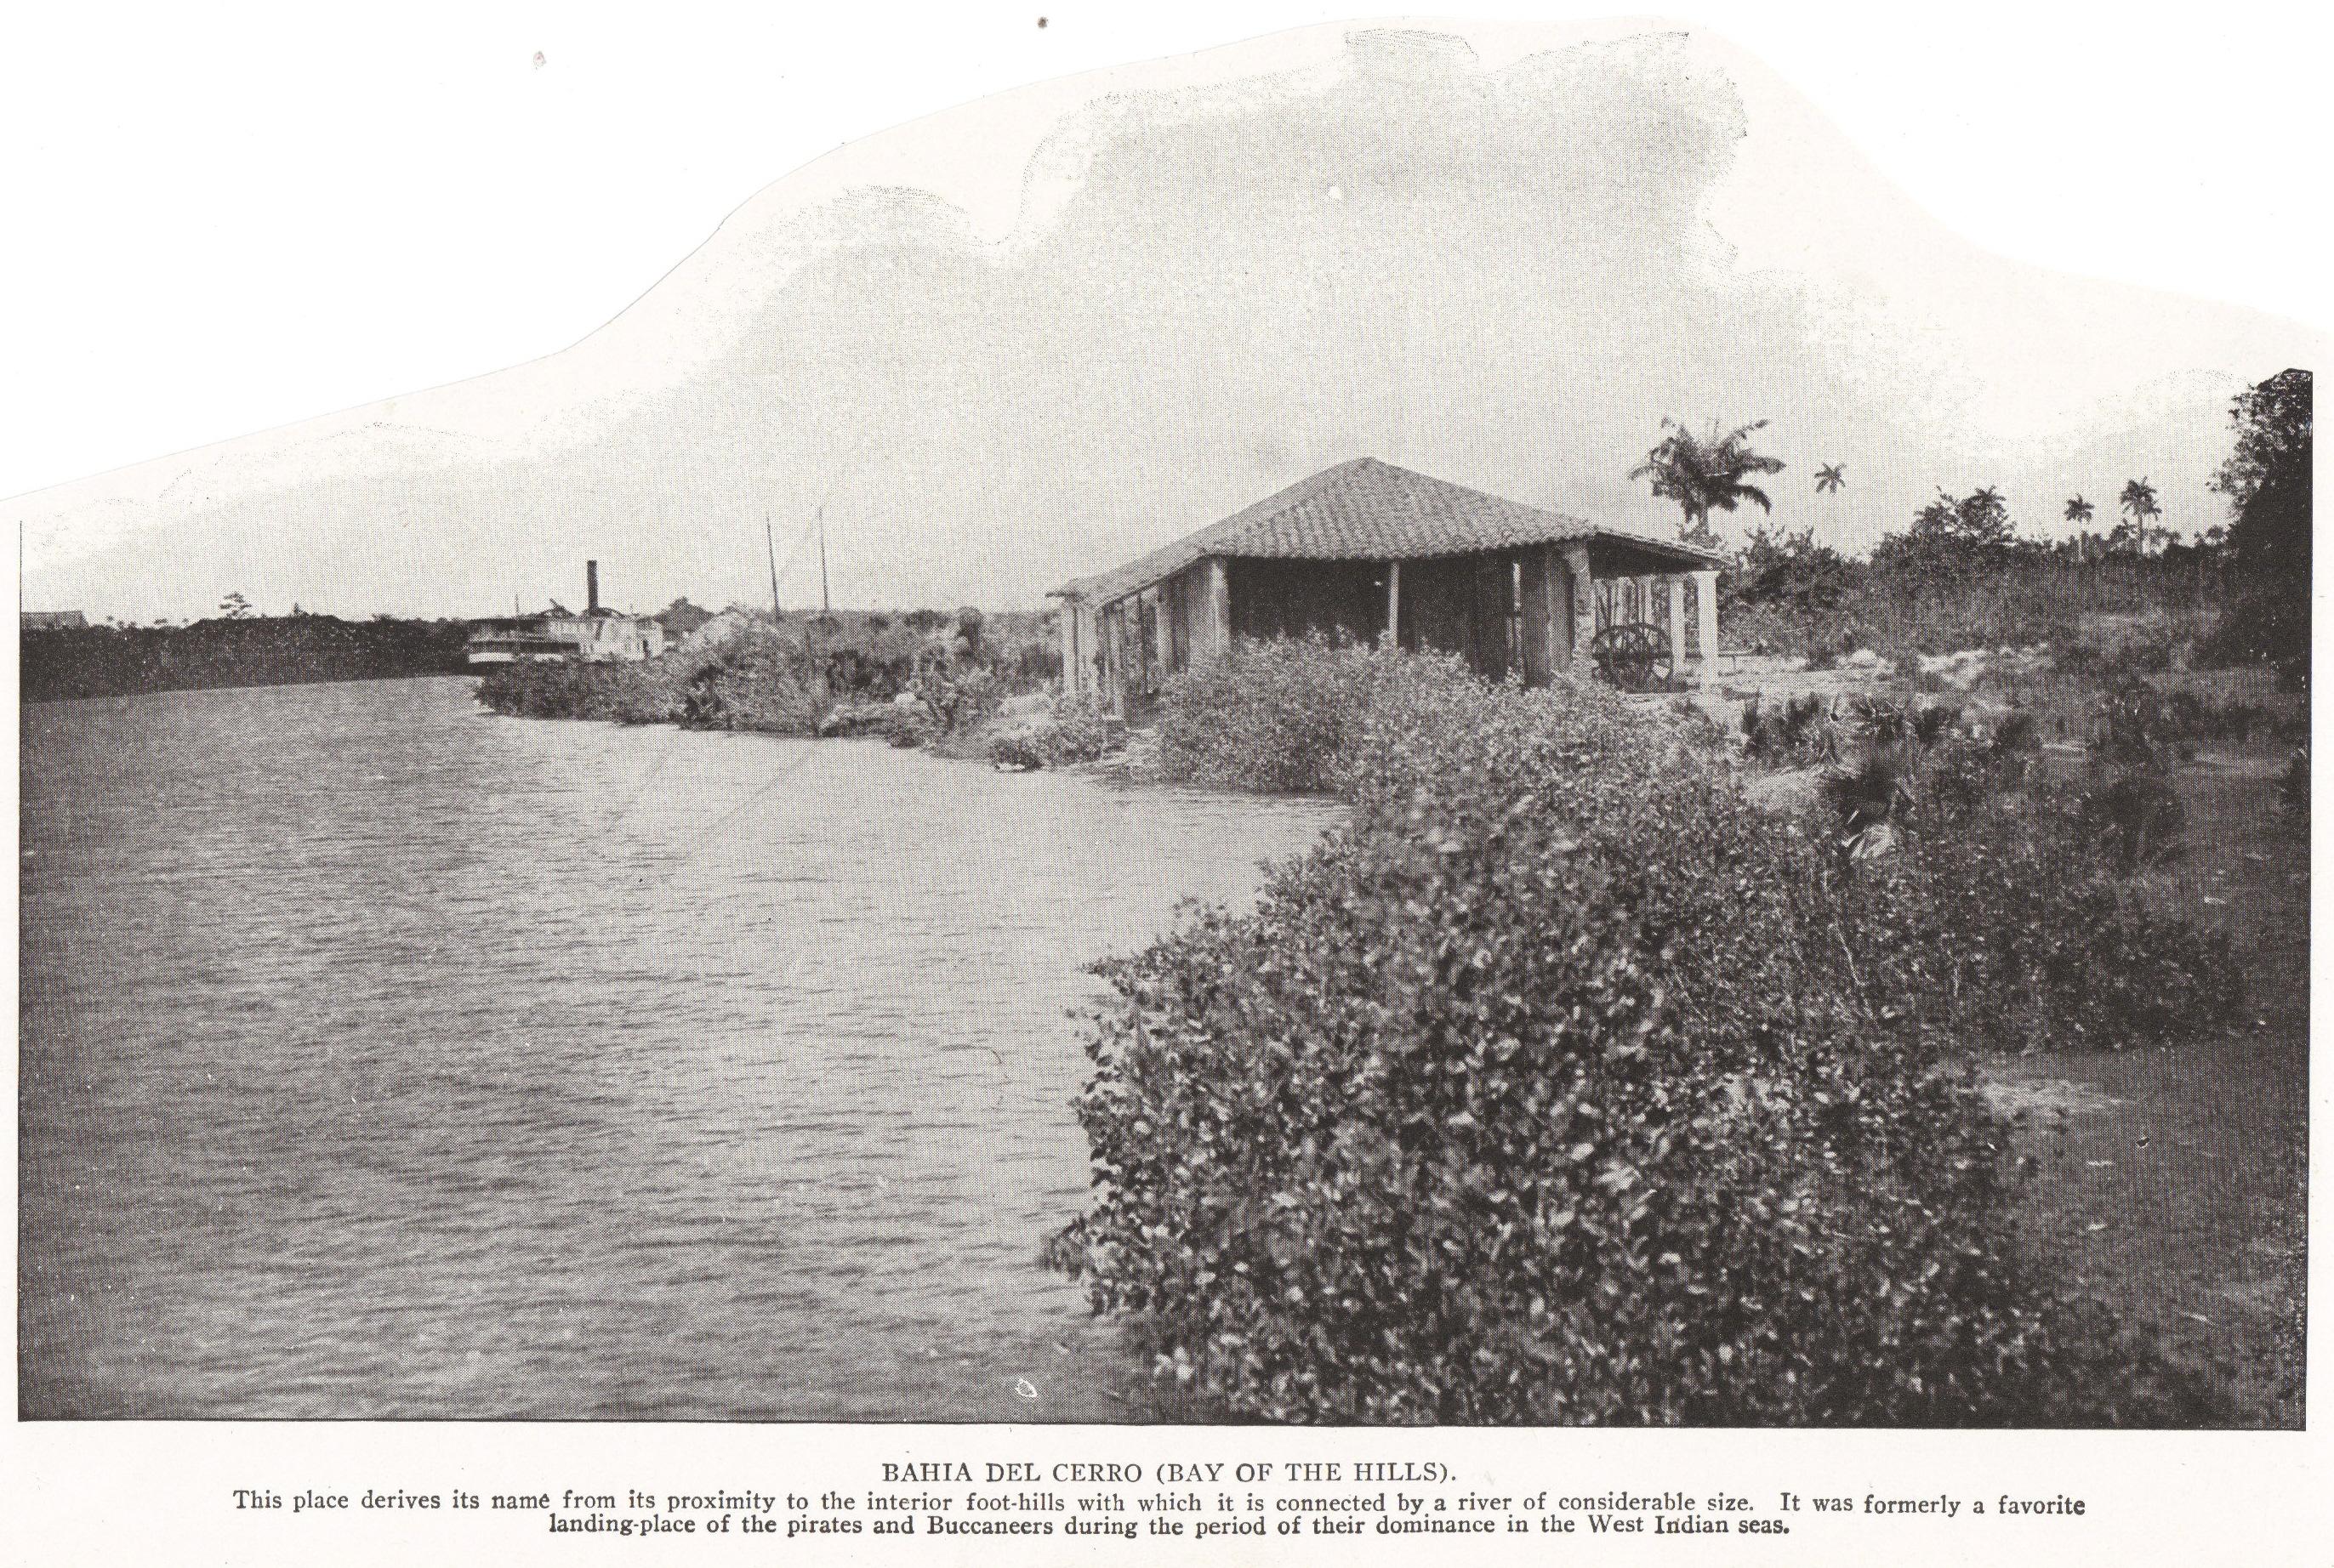 Bahia del Cerro, Cuba (1898)